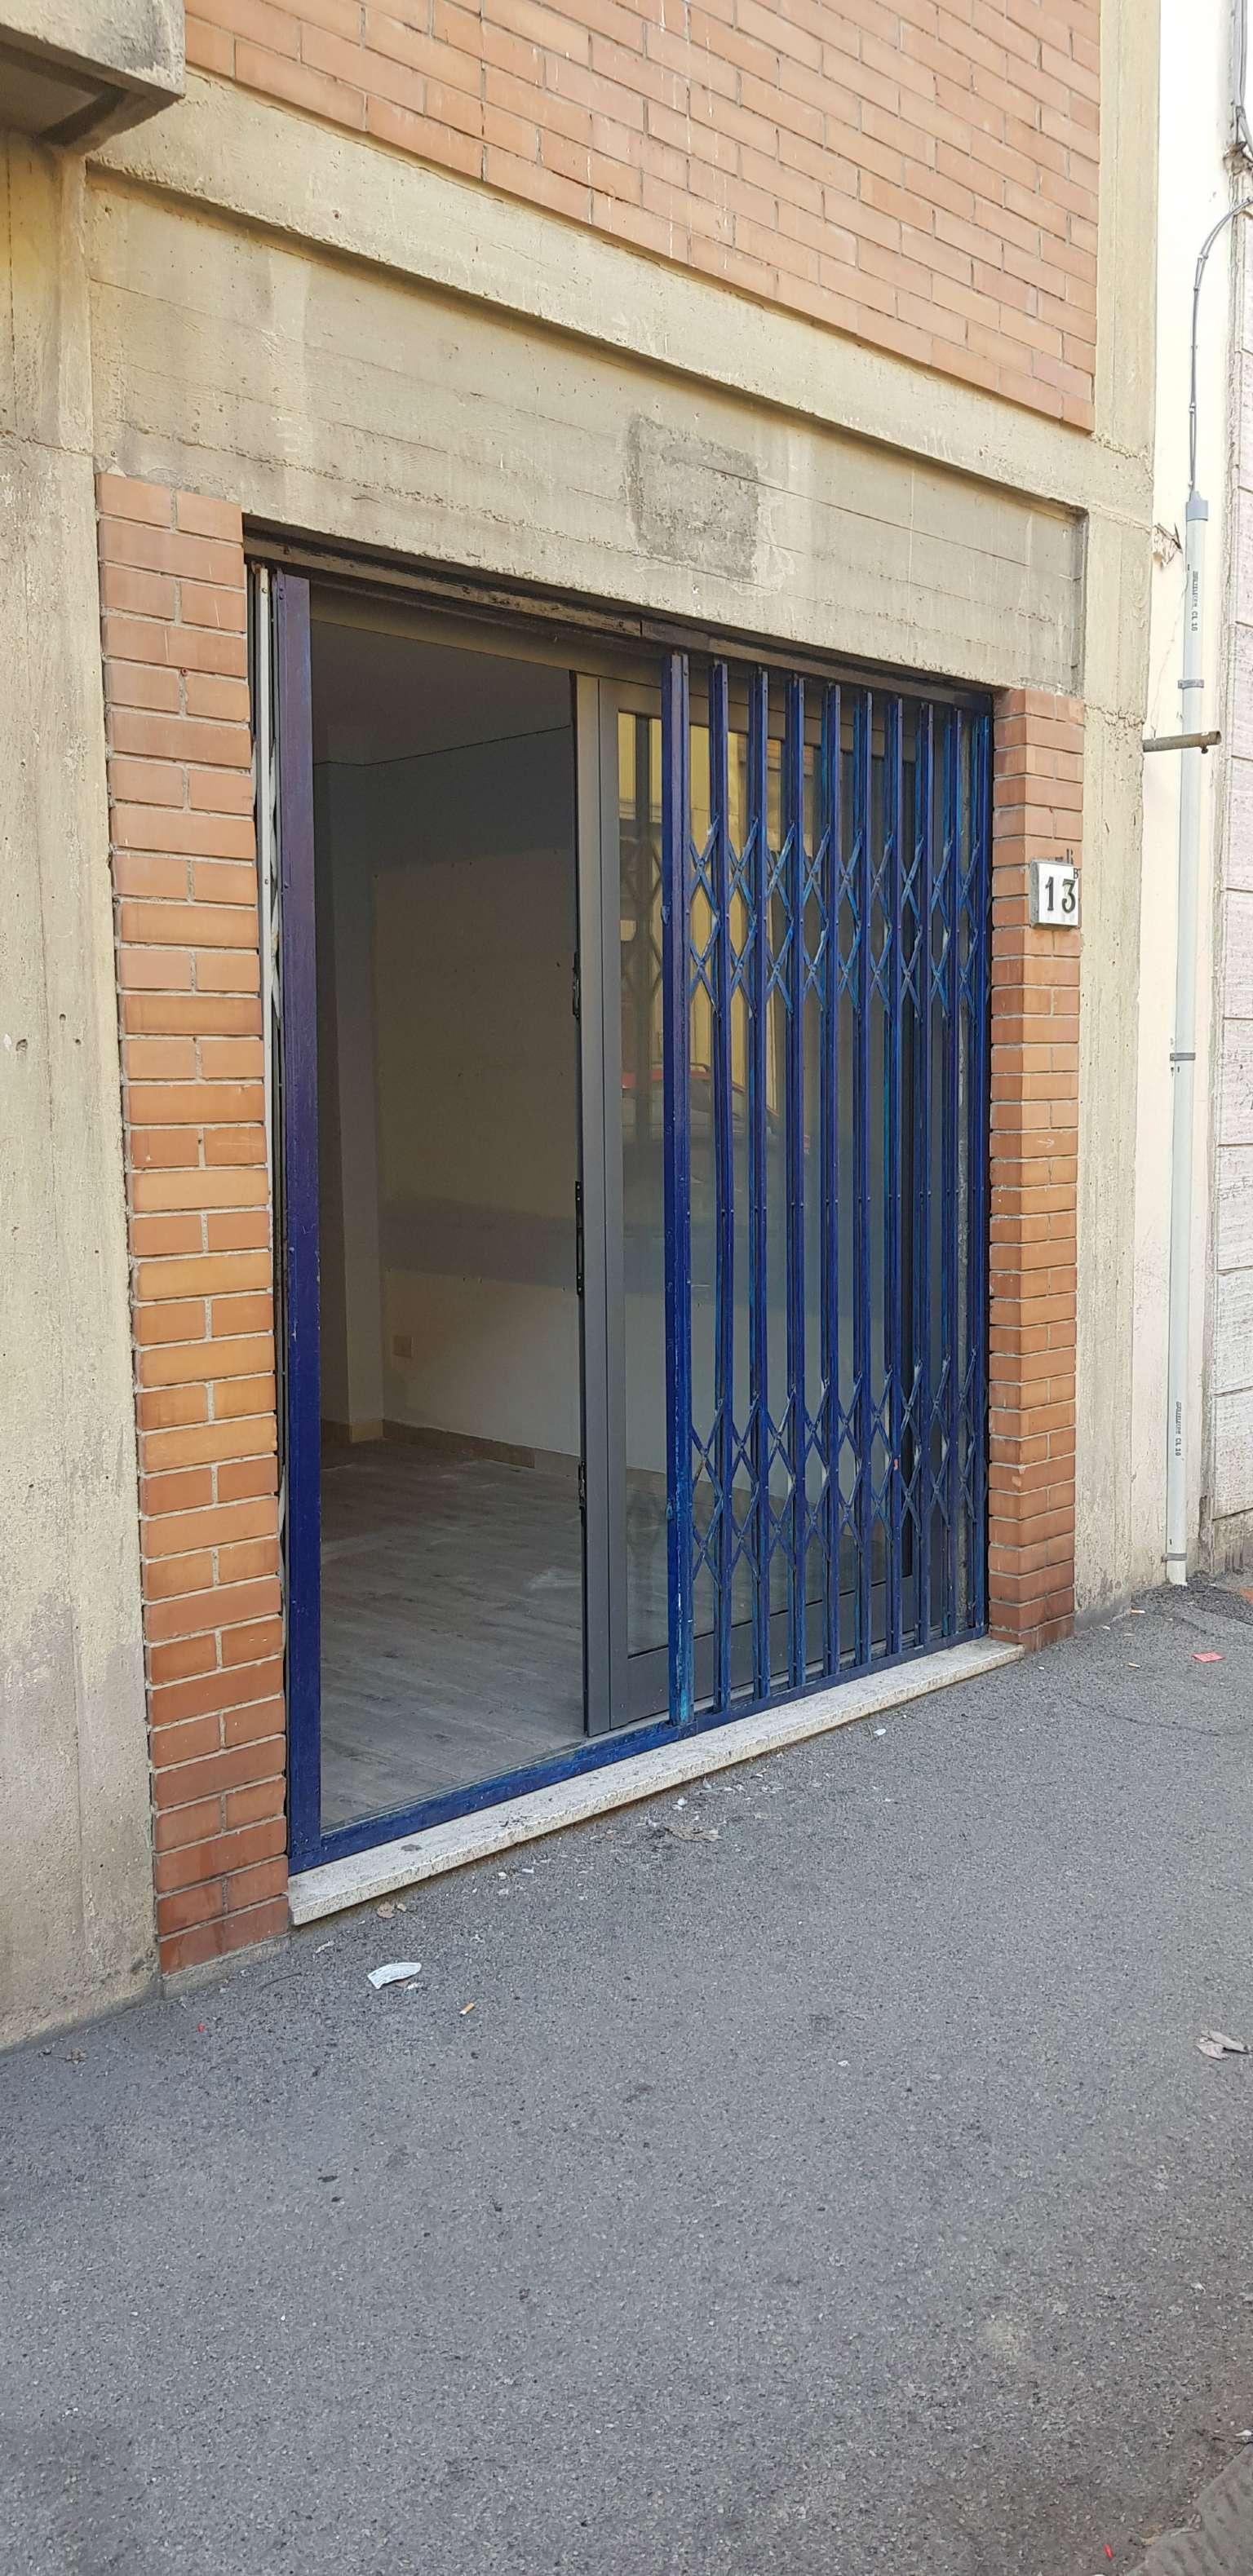 Negozio / Locale in affitto a Firenze, 1 locali, zona Zona: 9 . S. Jacopino, La Fortezza, Statuto, prezzo € 580   CambioCasa.it